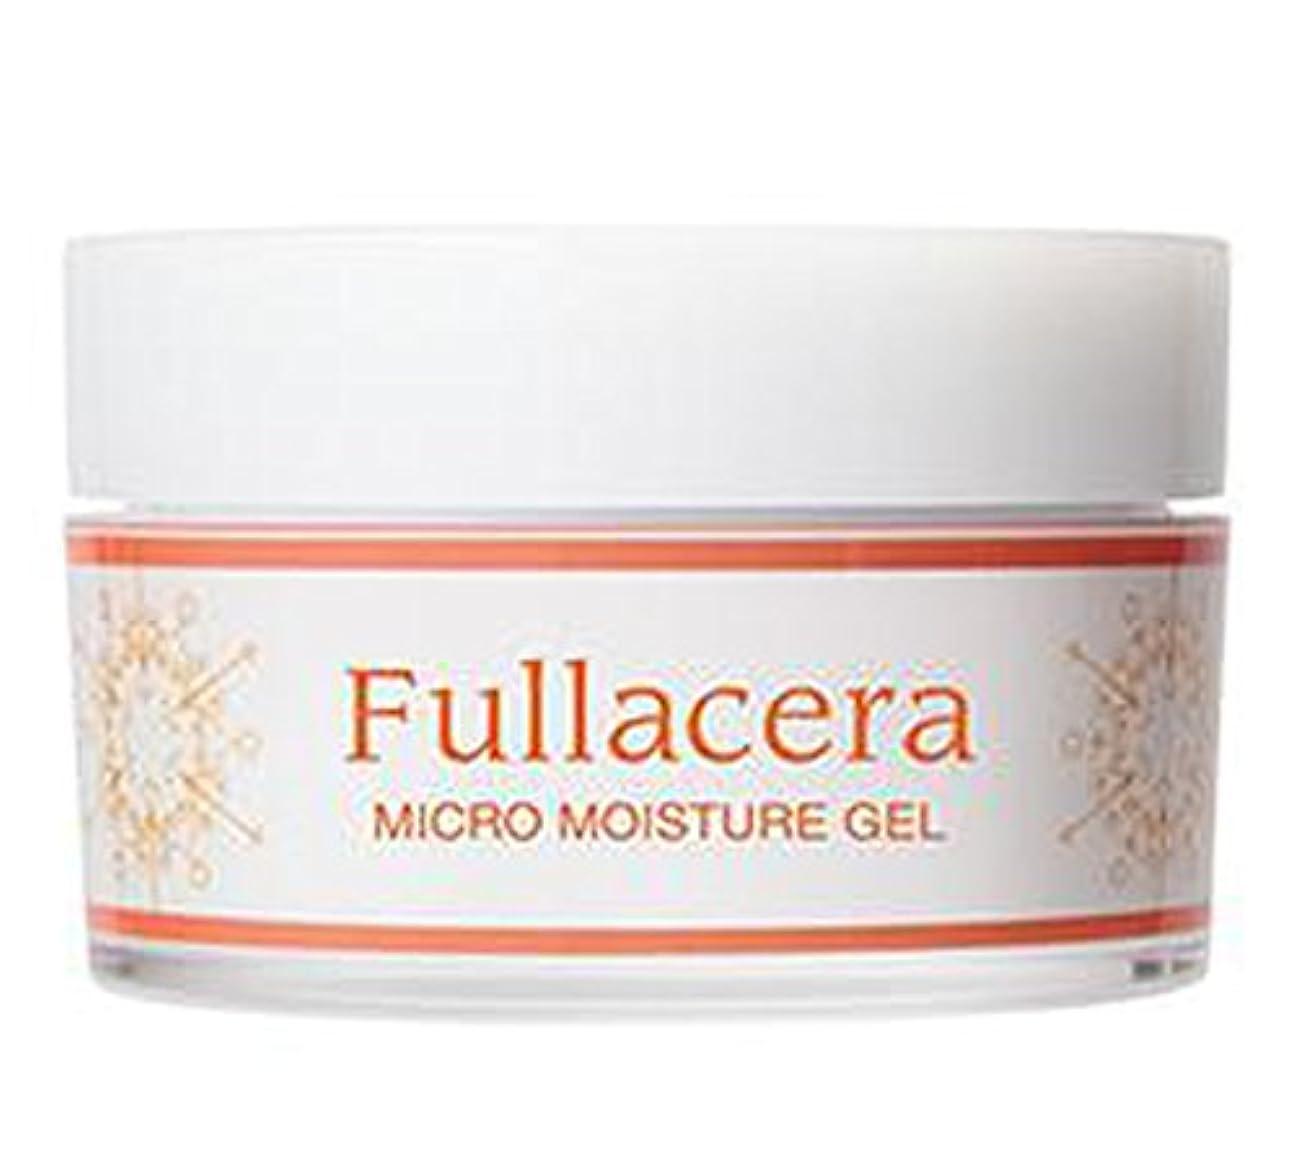 日付引っ張るバスケットボールフラセラ(Fullacera) マイクロモイスチャーゲル クリーム 60g